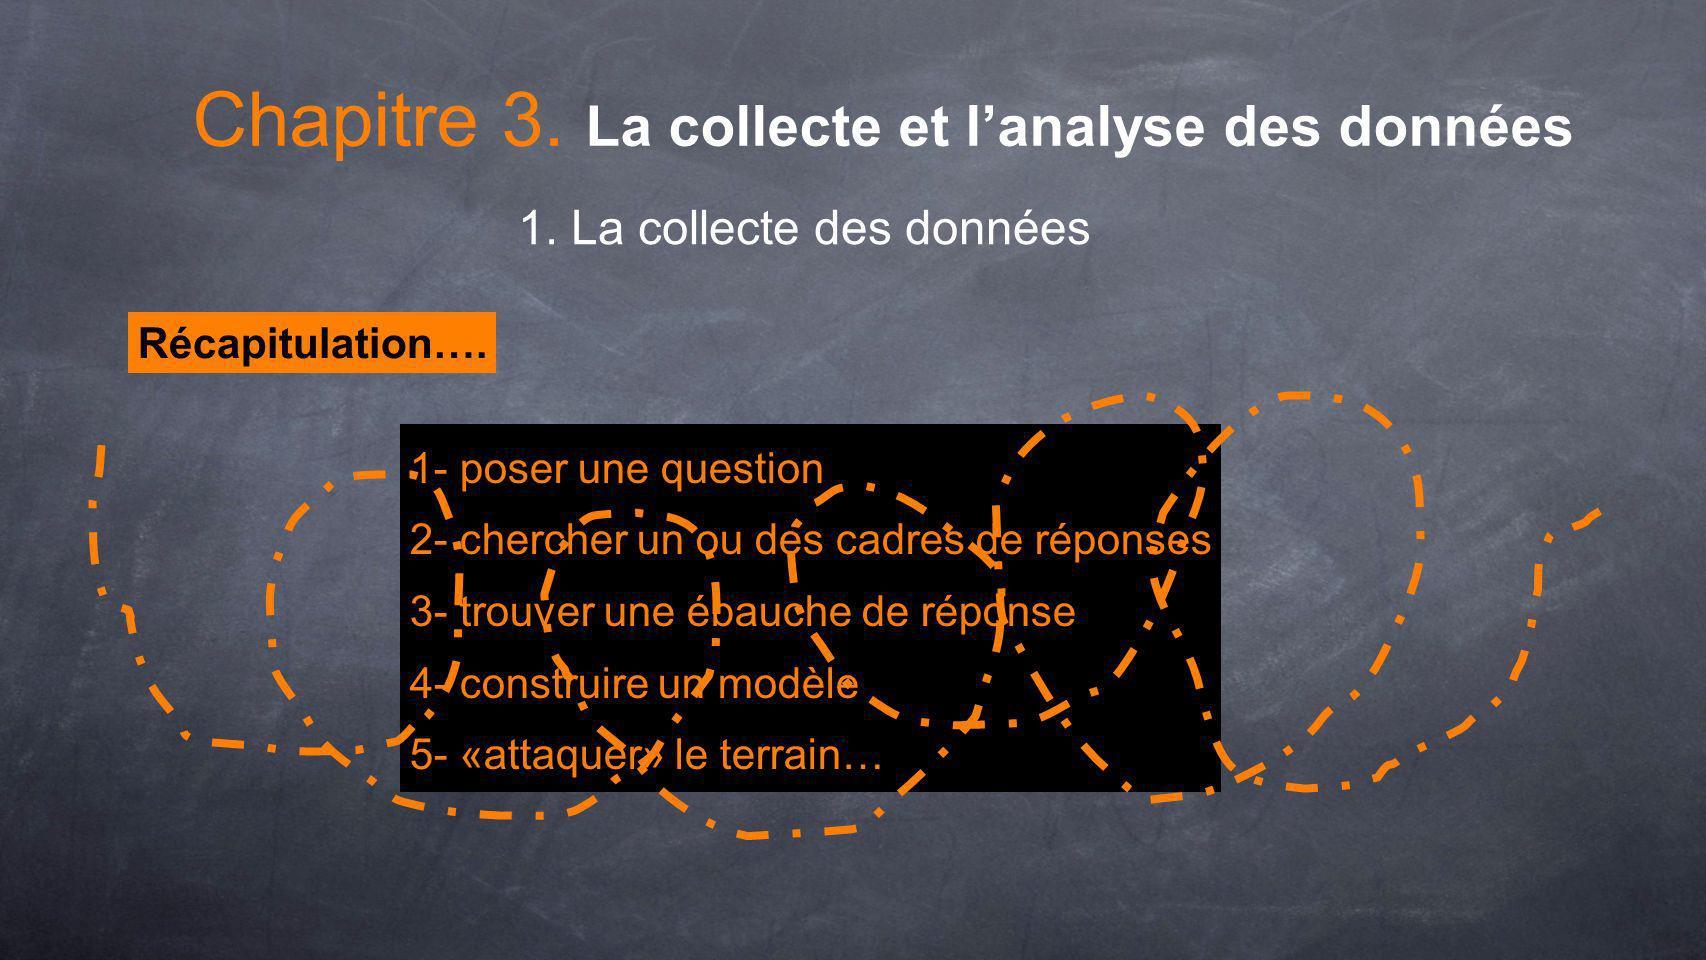 1. La collecte des données Récapitulation…. 1- poser une question 2- chercher un ou des cadres de réponses 3- trouver une ébauche de réponse 4- constr